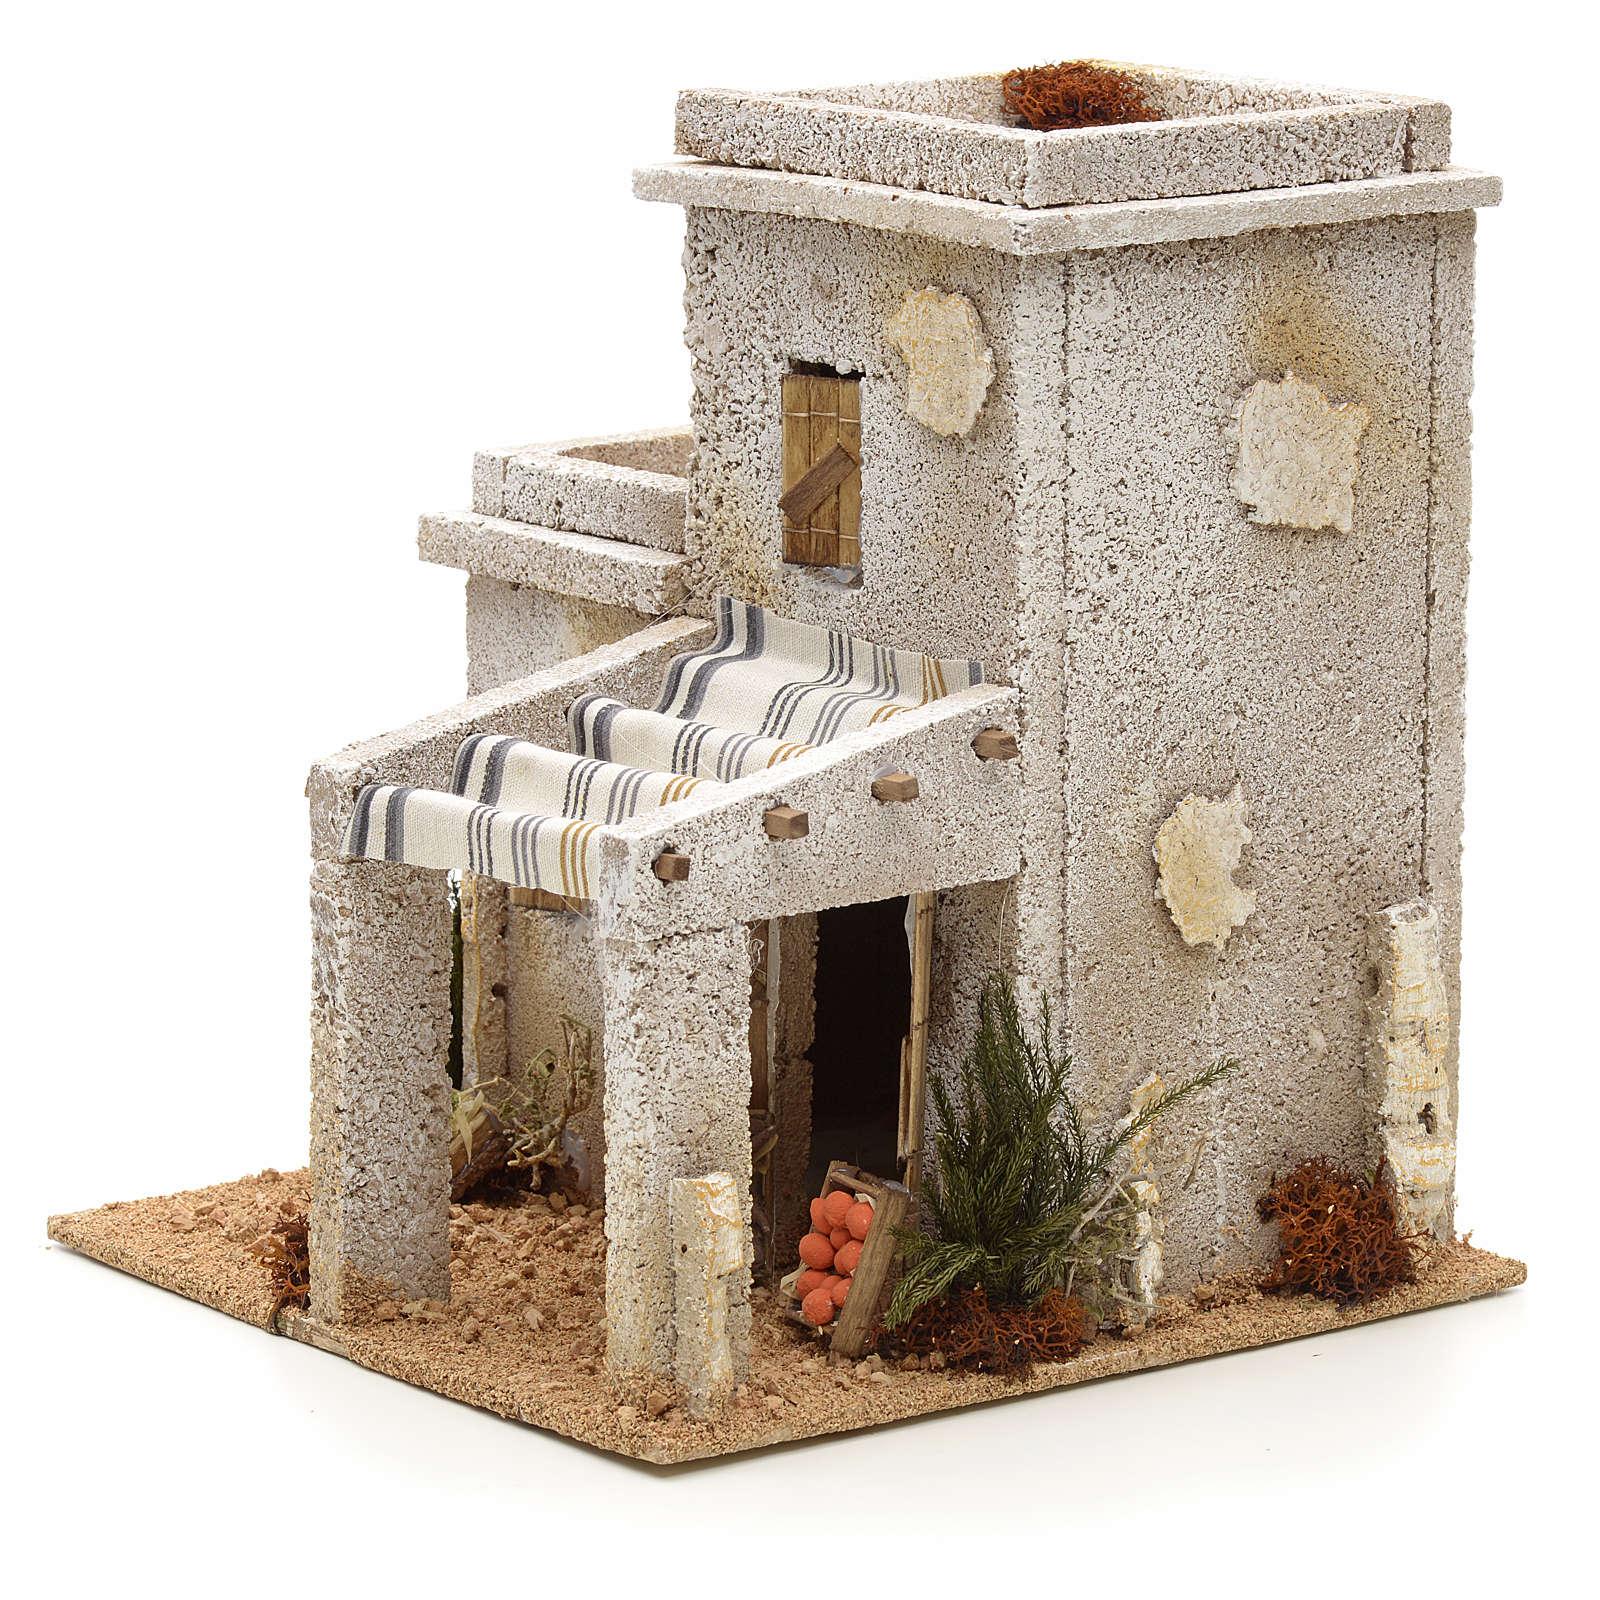 Maison arabe en miniature avec magasin de fruits pour crèche 4